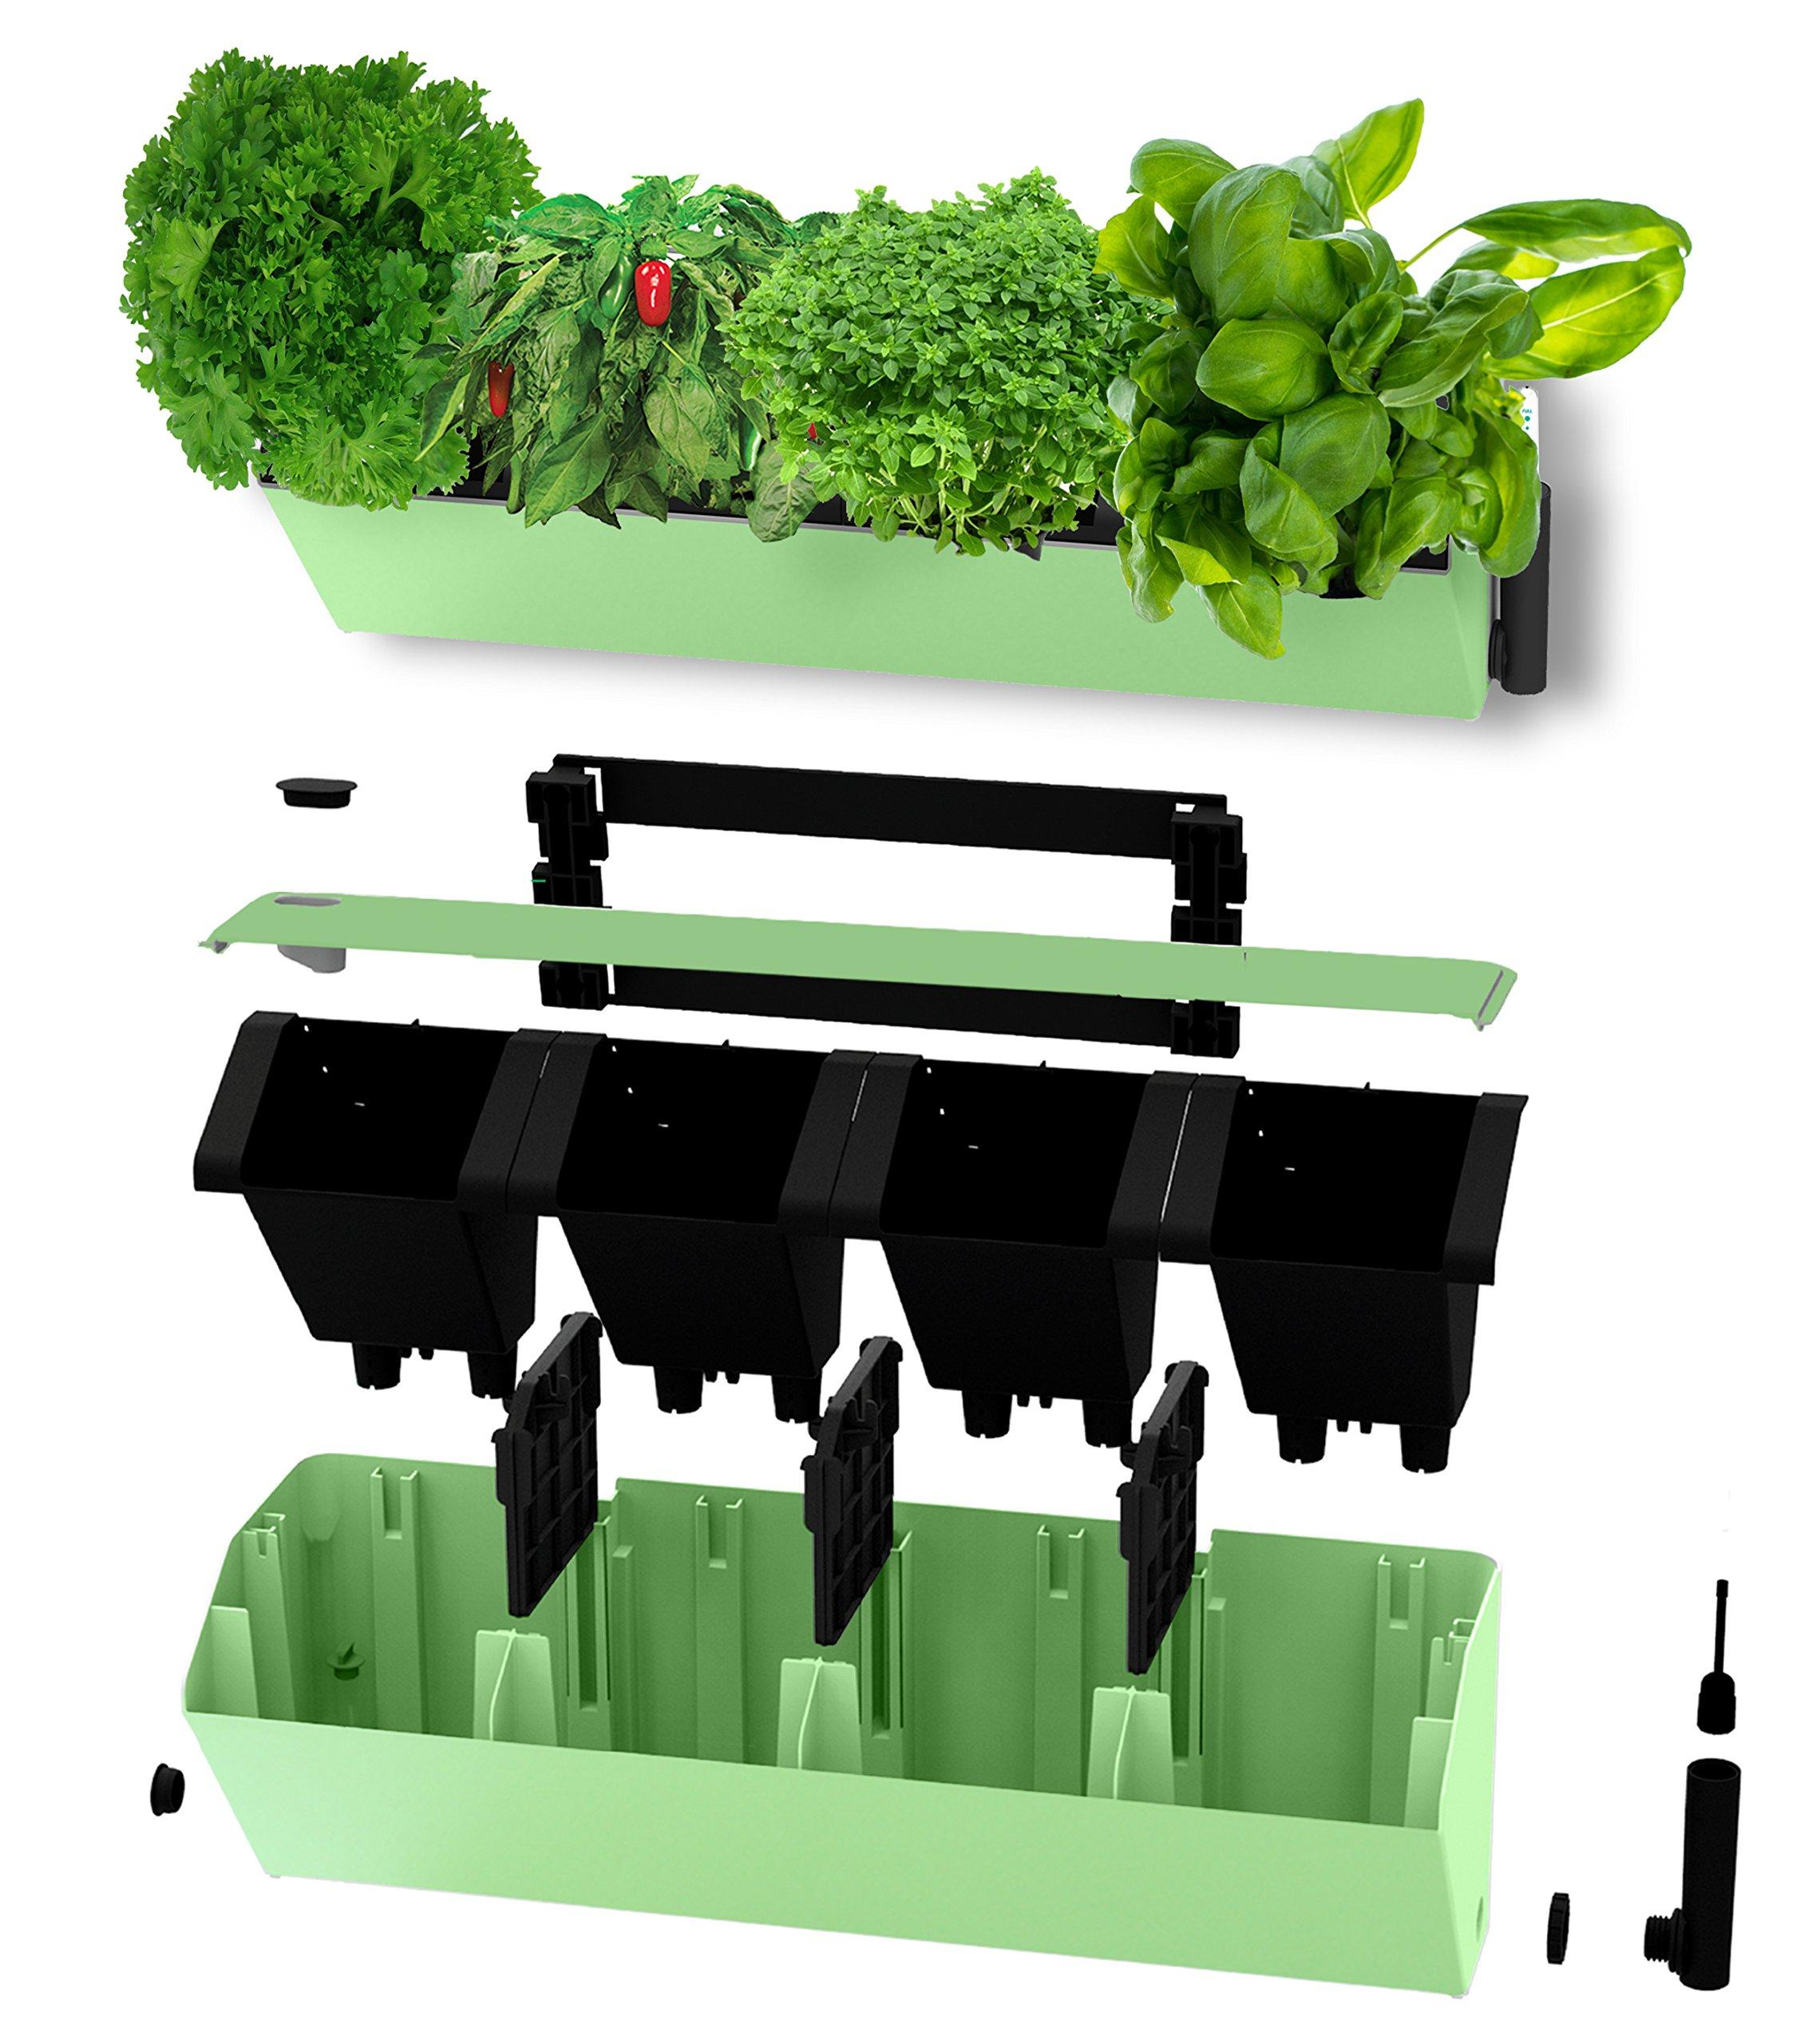 self watering planter for vertical gardens indoor outdoor wall decor gardening kit with - Indoor Vegetable Garden Kit